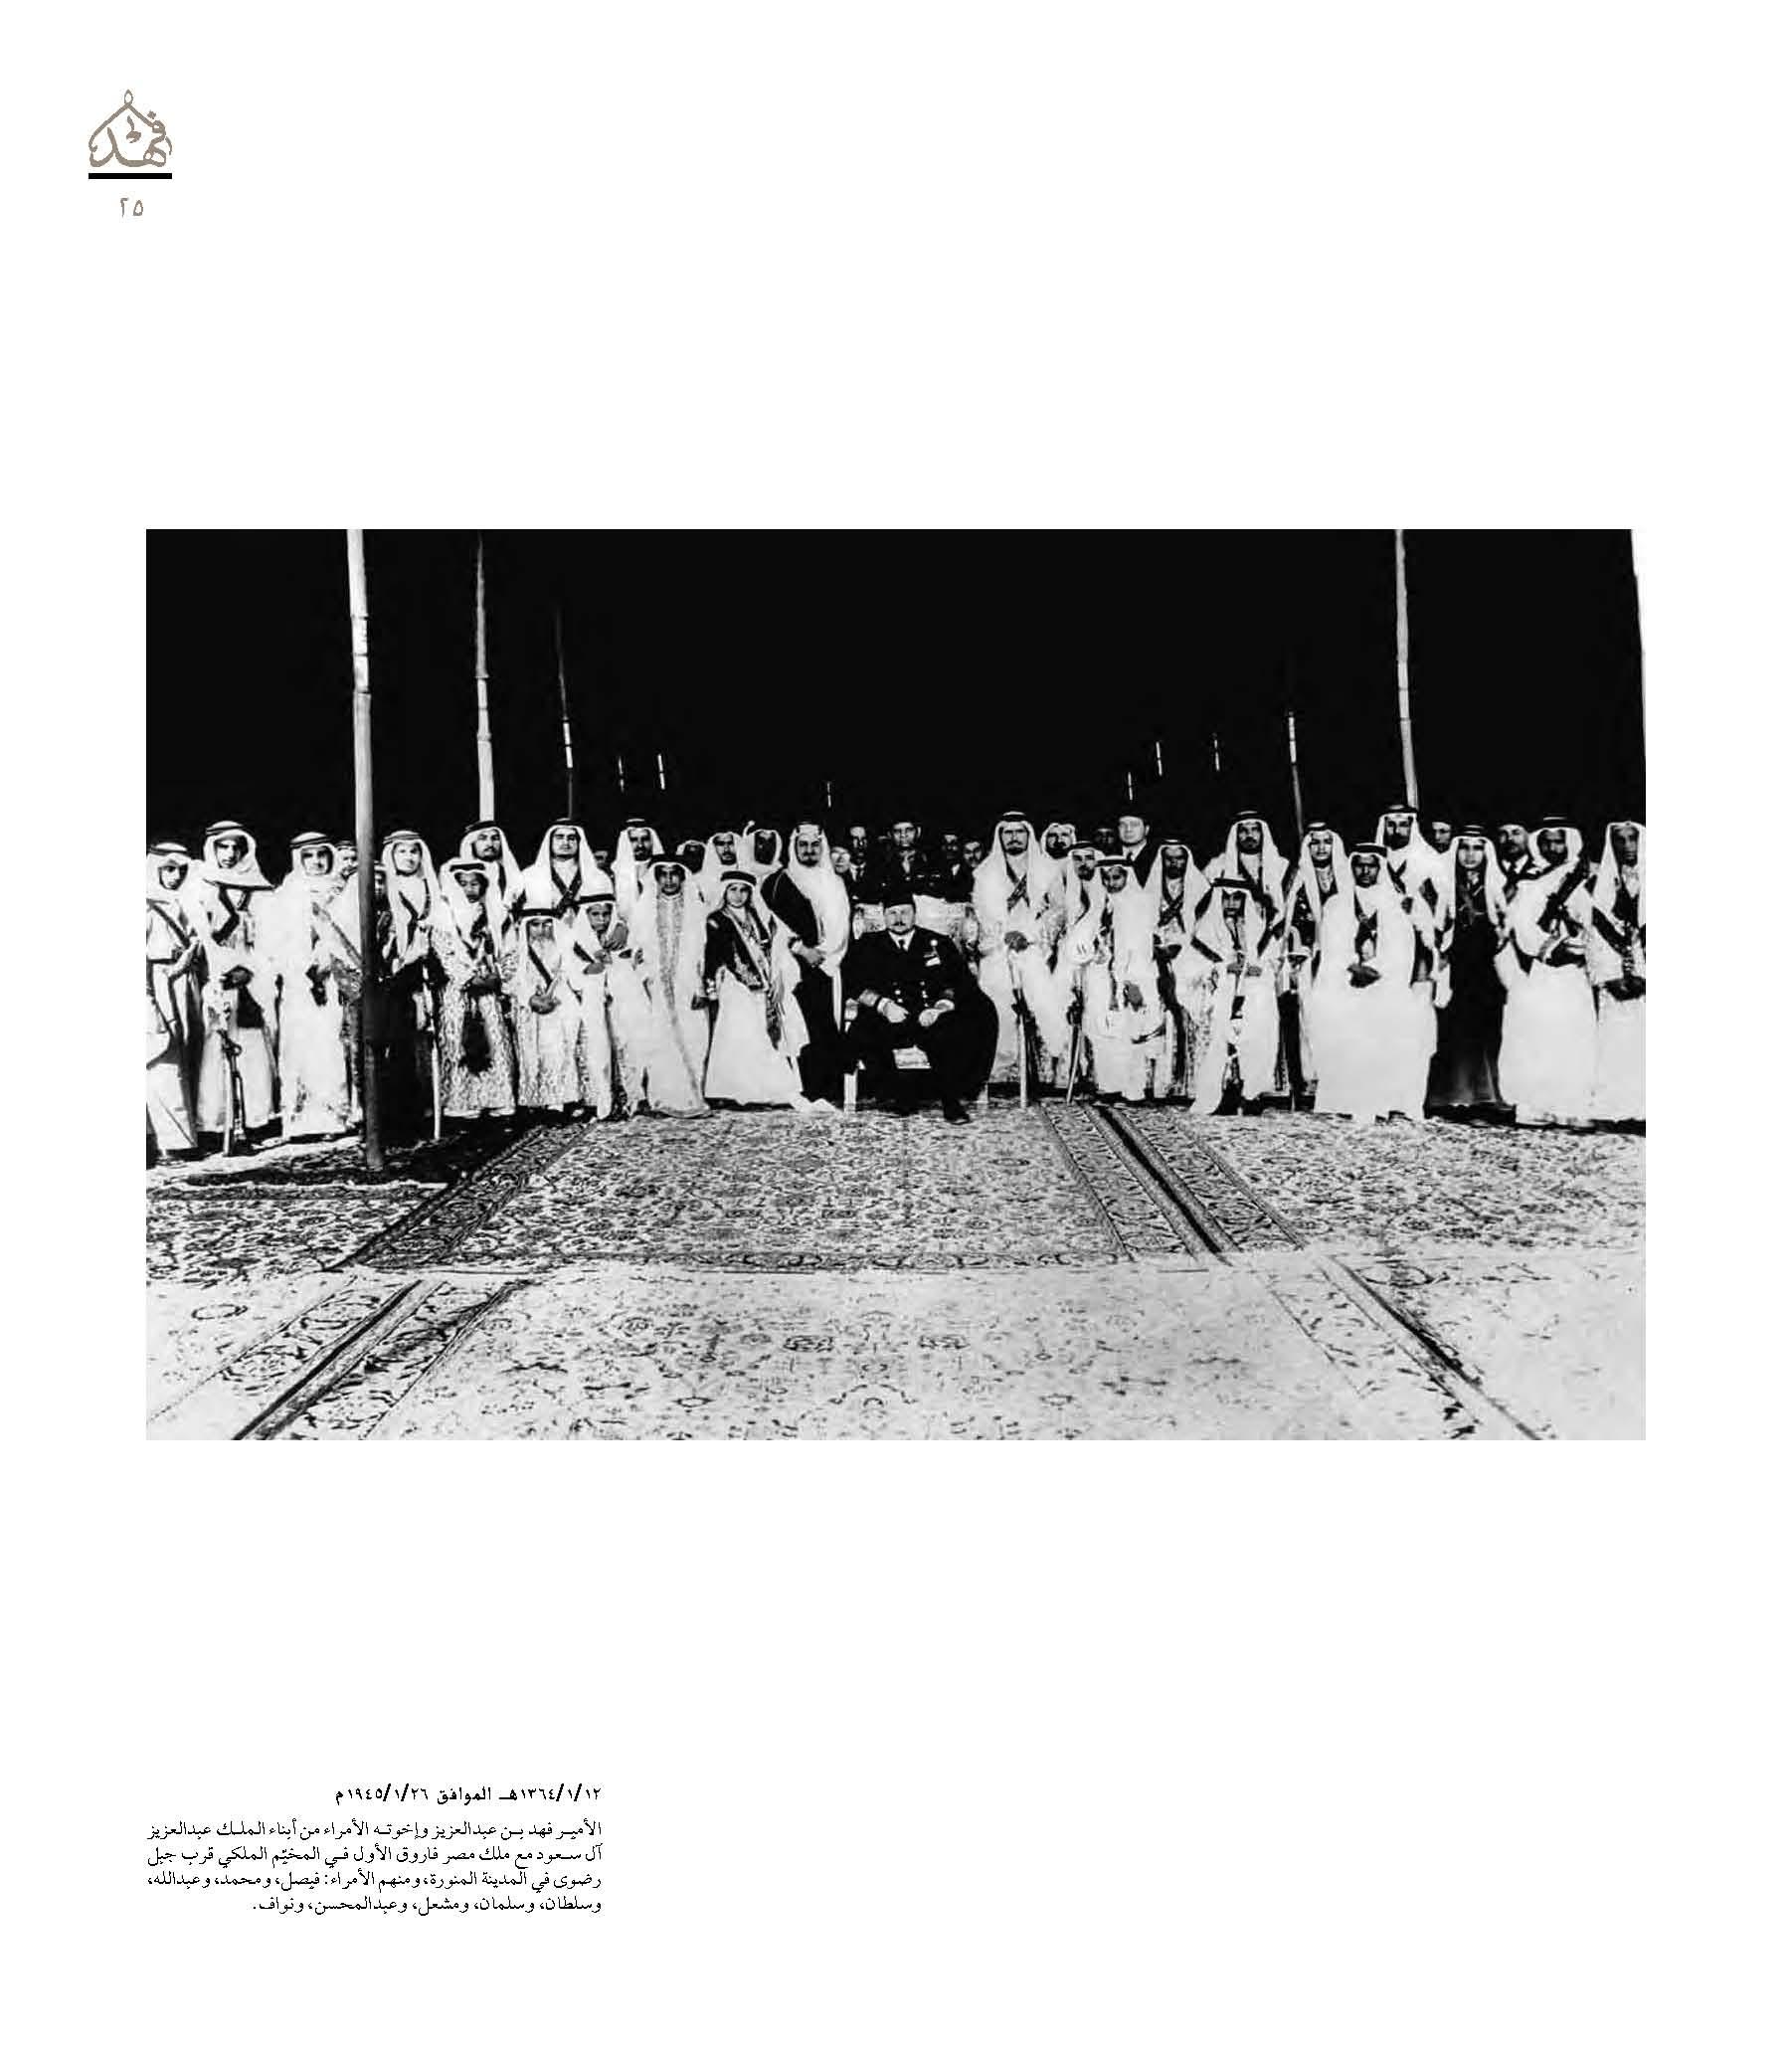 """صور نادرة للملك فهد في """"كتاب"""" D1ea9453-bfc5-44b2-ac0c-dbd0493fe33b"""